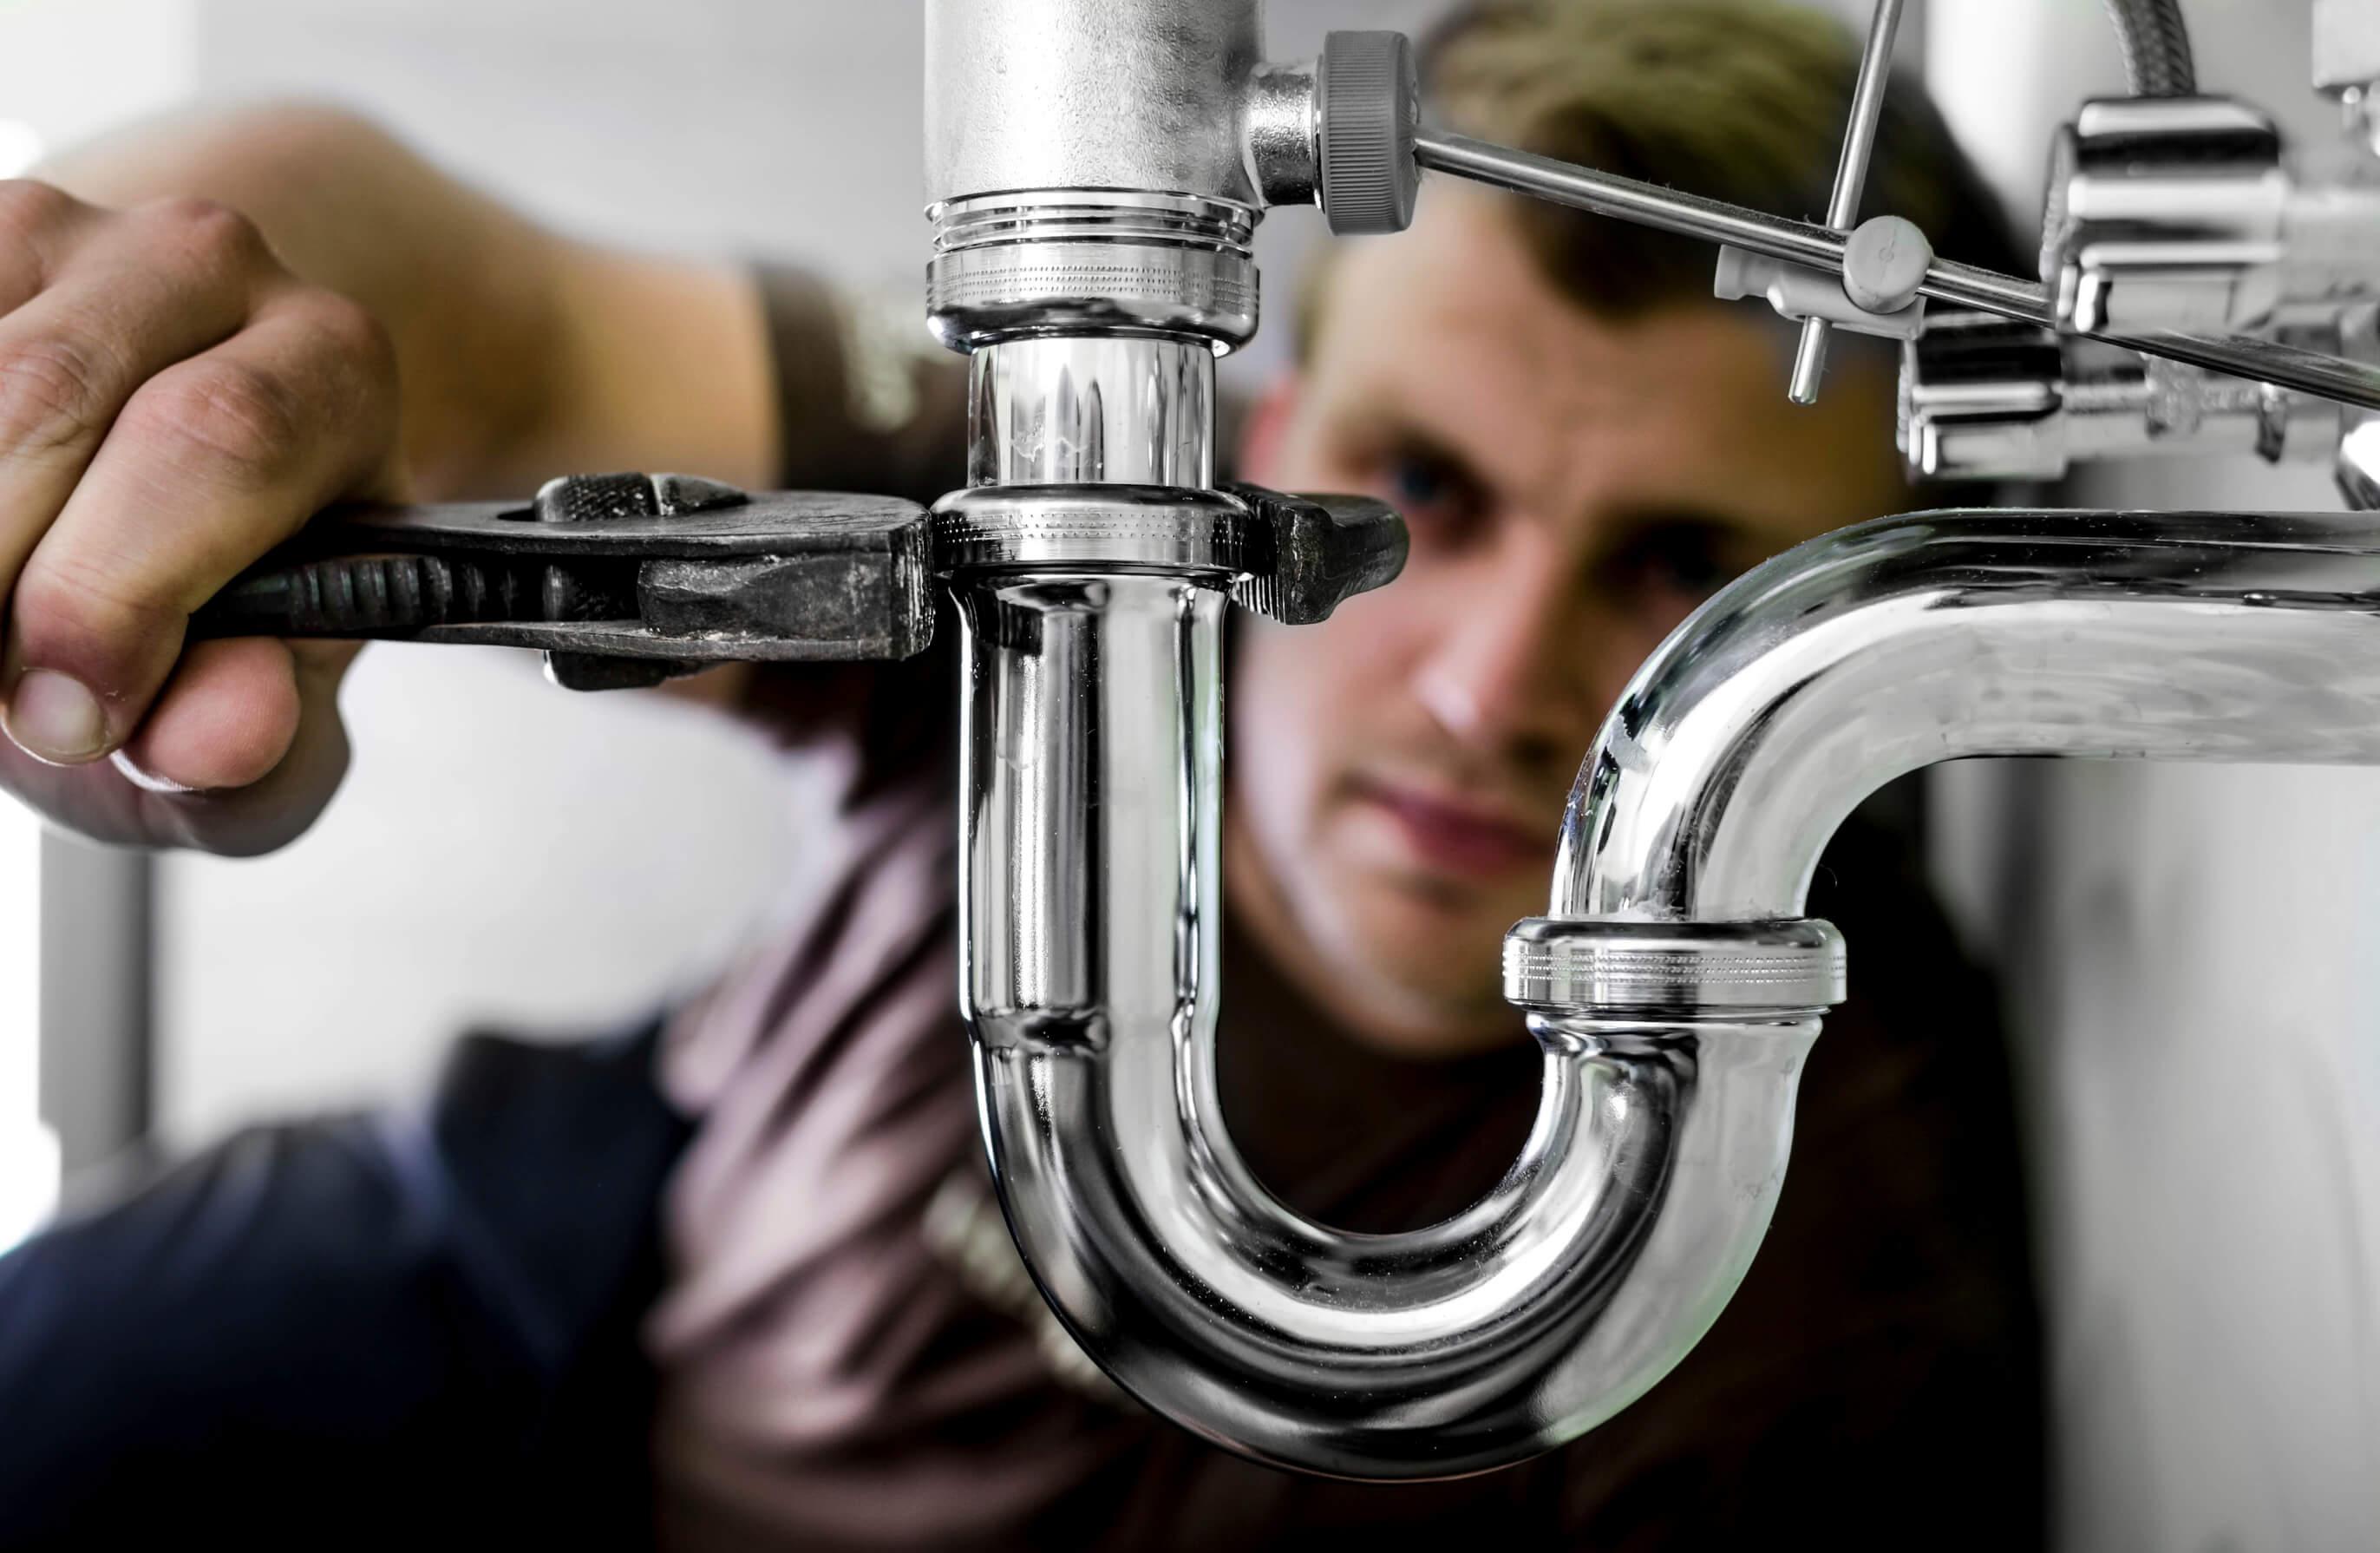 Plumber repairs